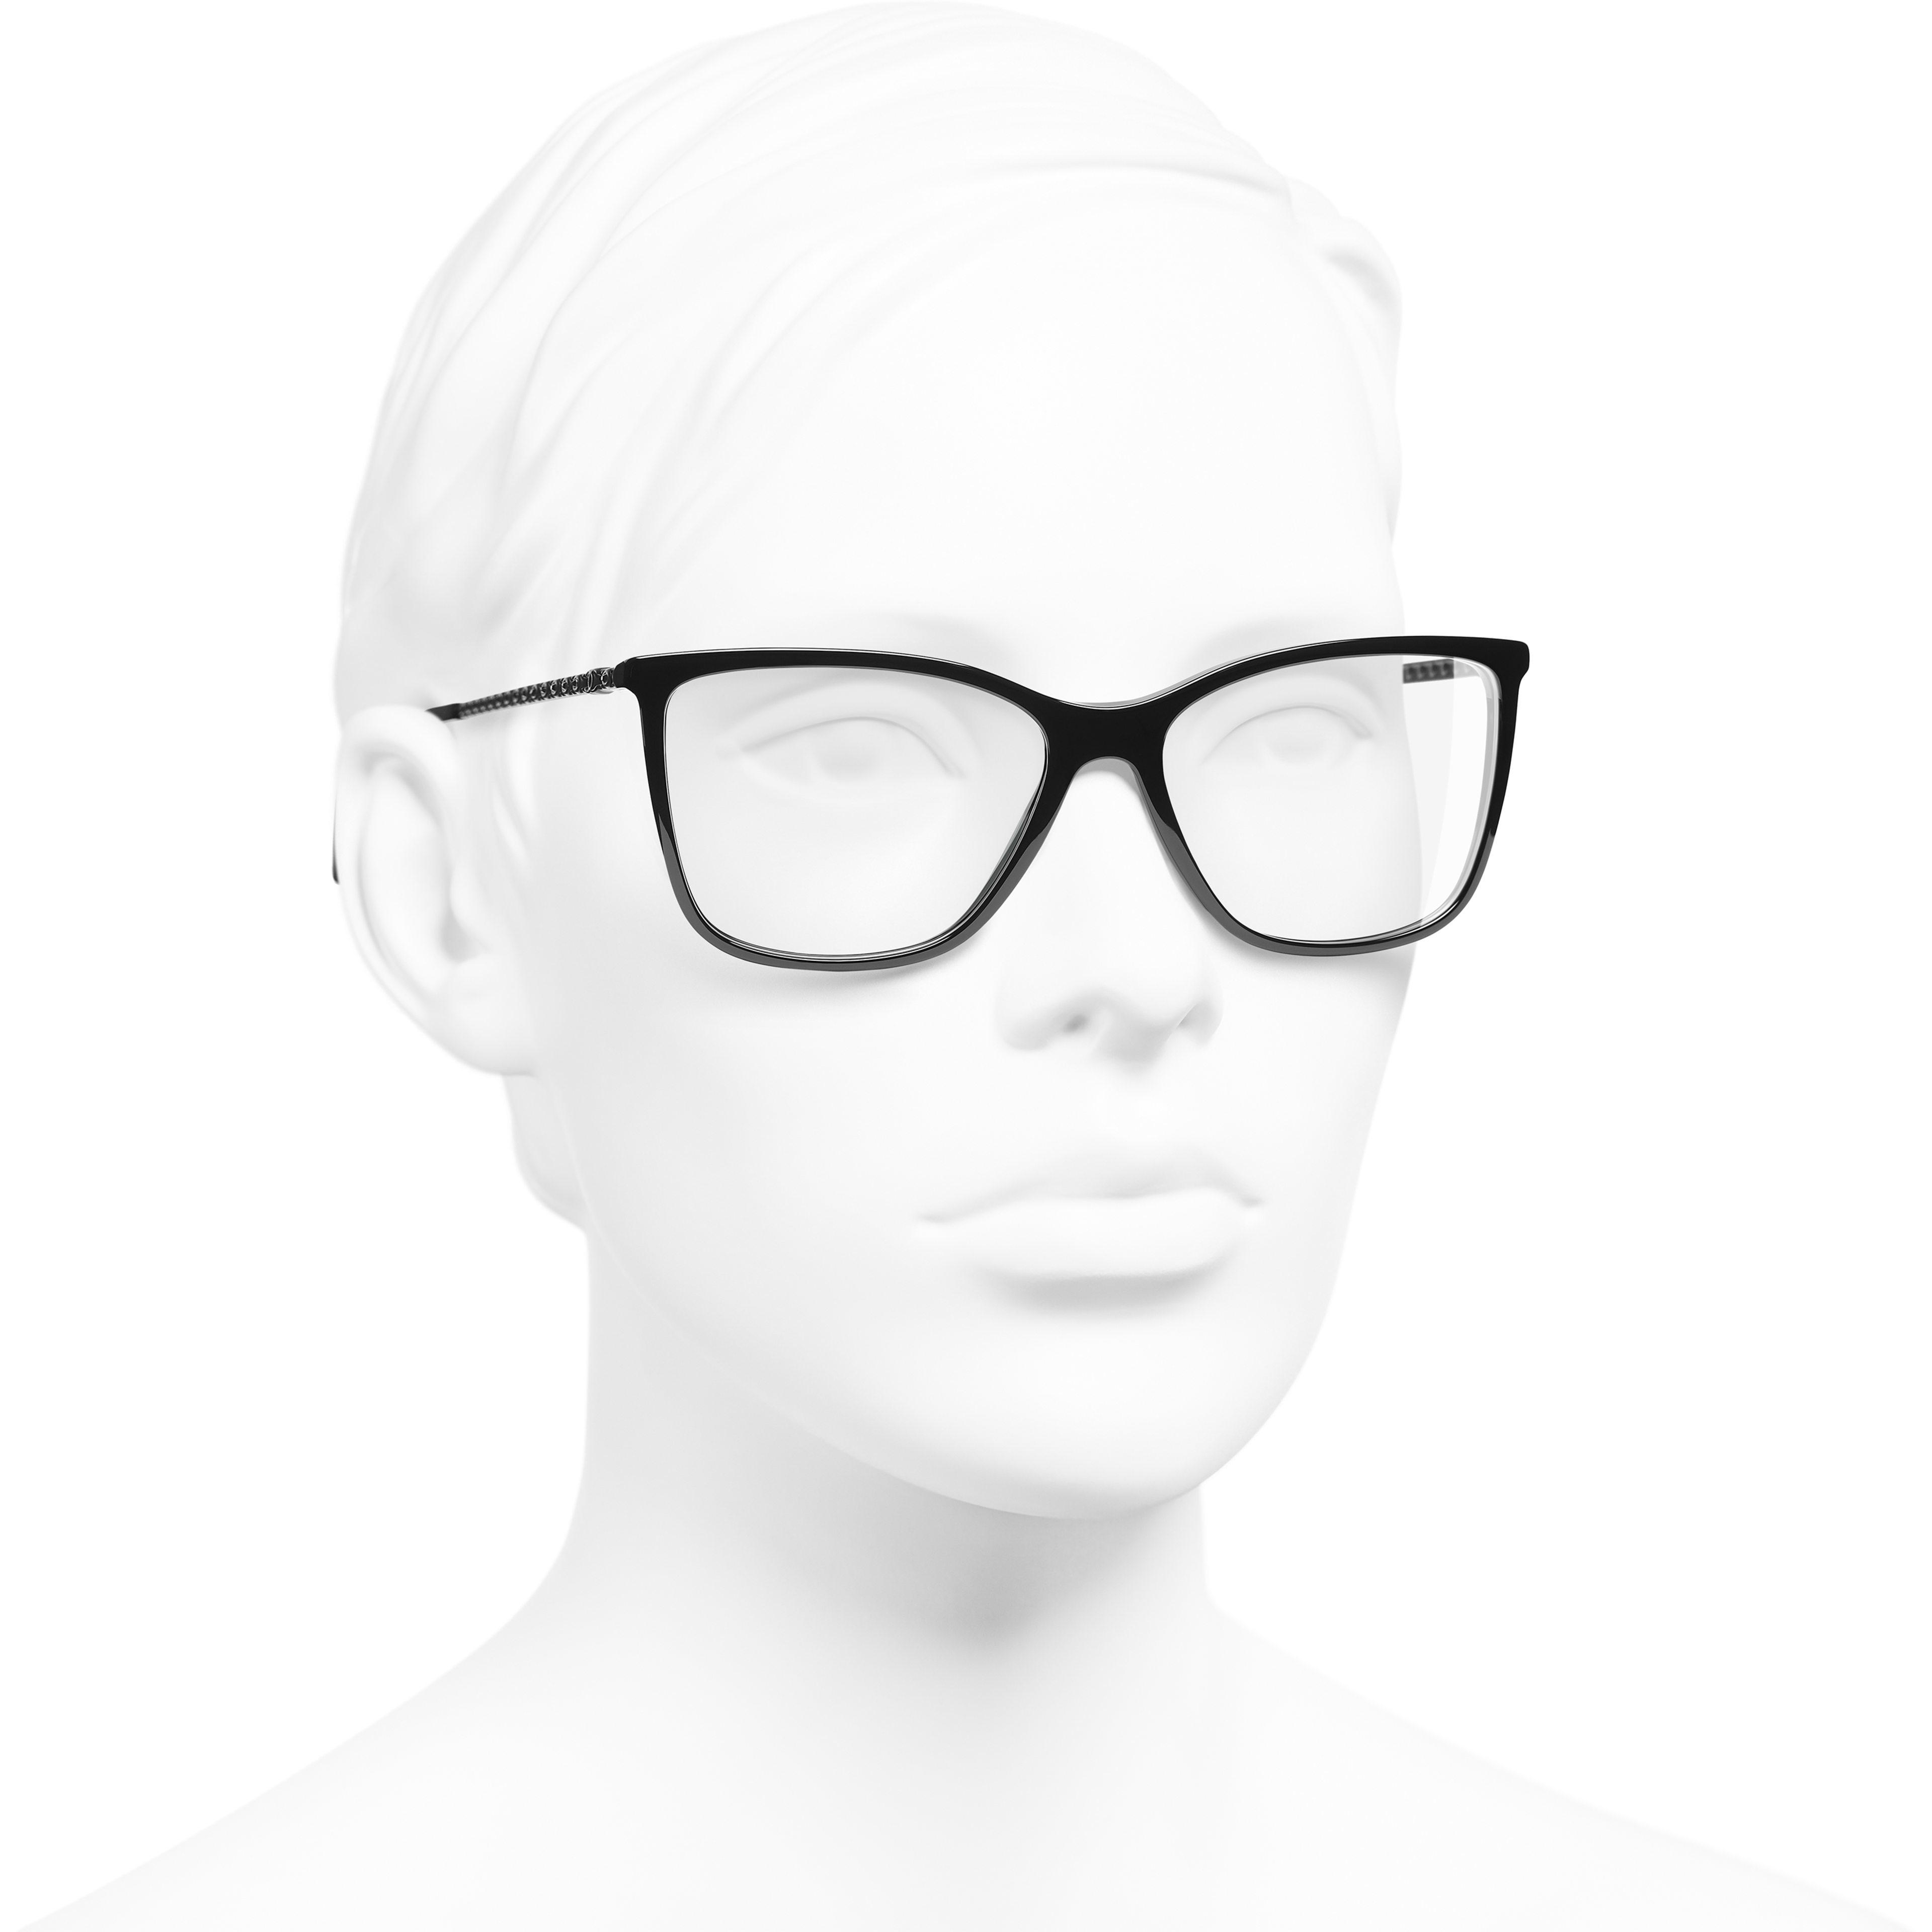 方型眼鏡 - 黑 - 高級樹脂 & 水鑽 - CHANEL - 配戴時的3/4側面視圖 - 查看標準尺寸版本